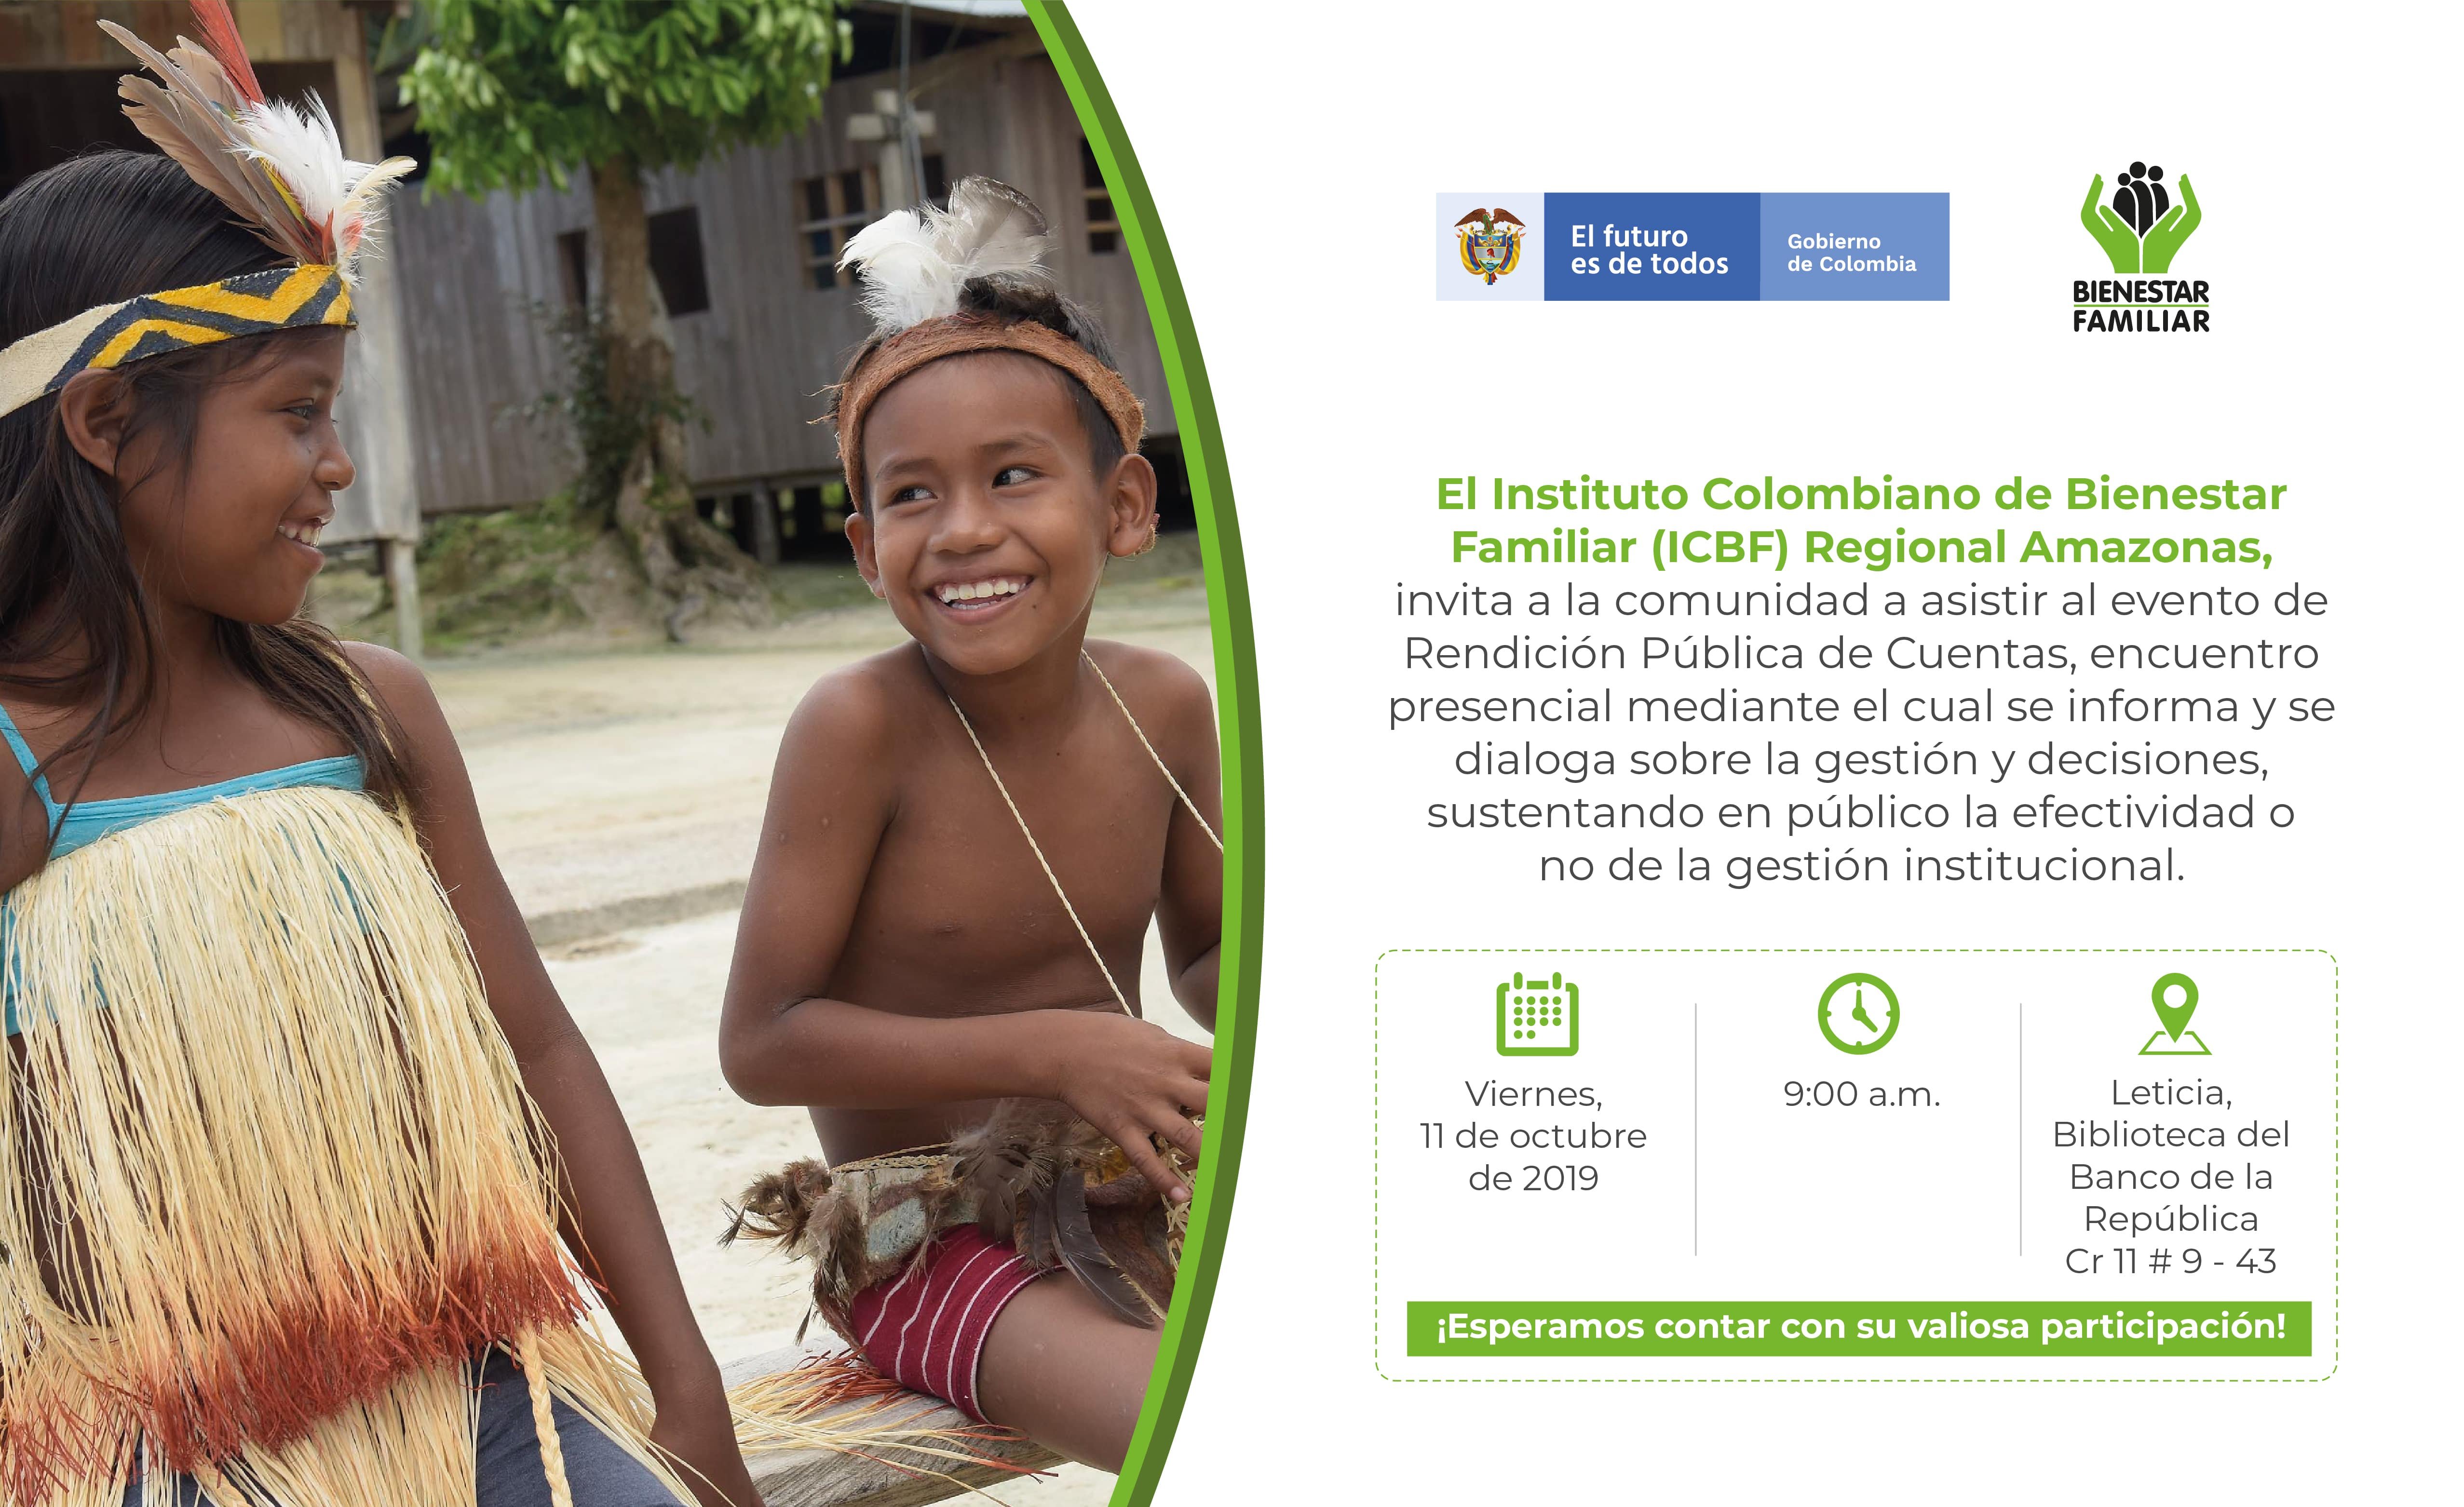 image for RENDICIÓN PÚBLICA DE CUENTAS ICBF REGIONAL AMAZONAS 2019